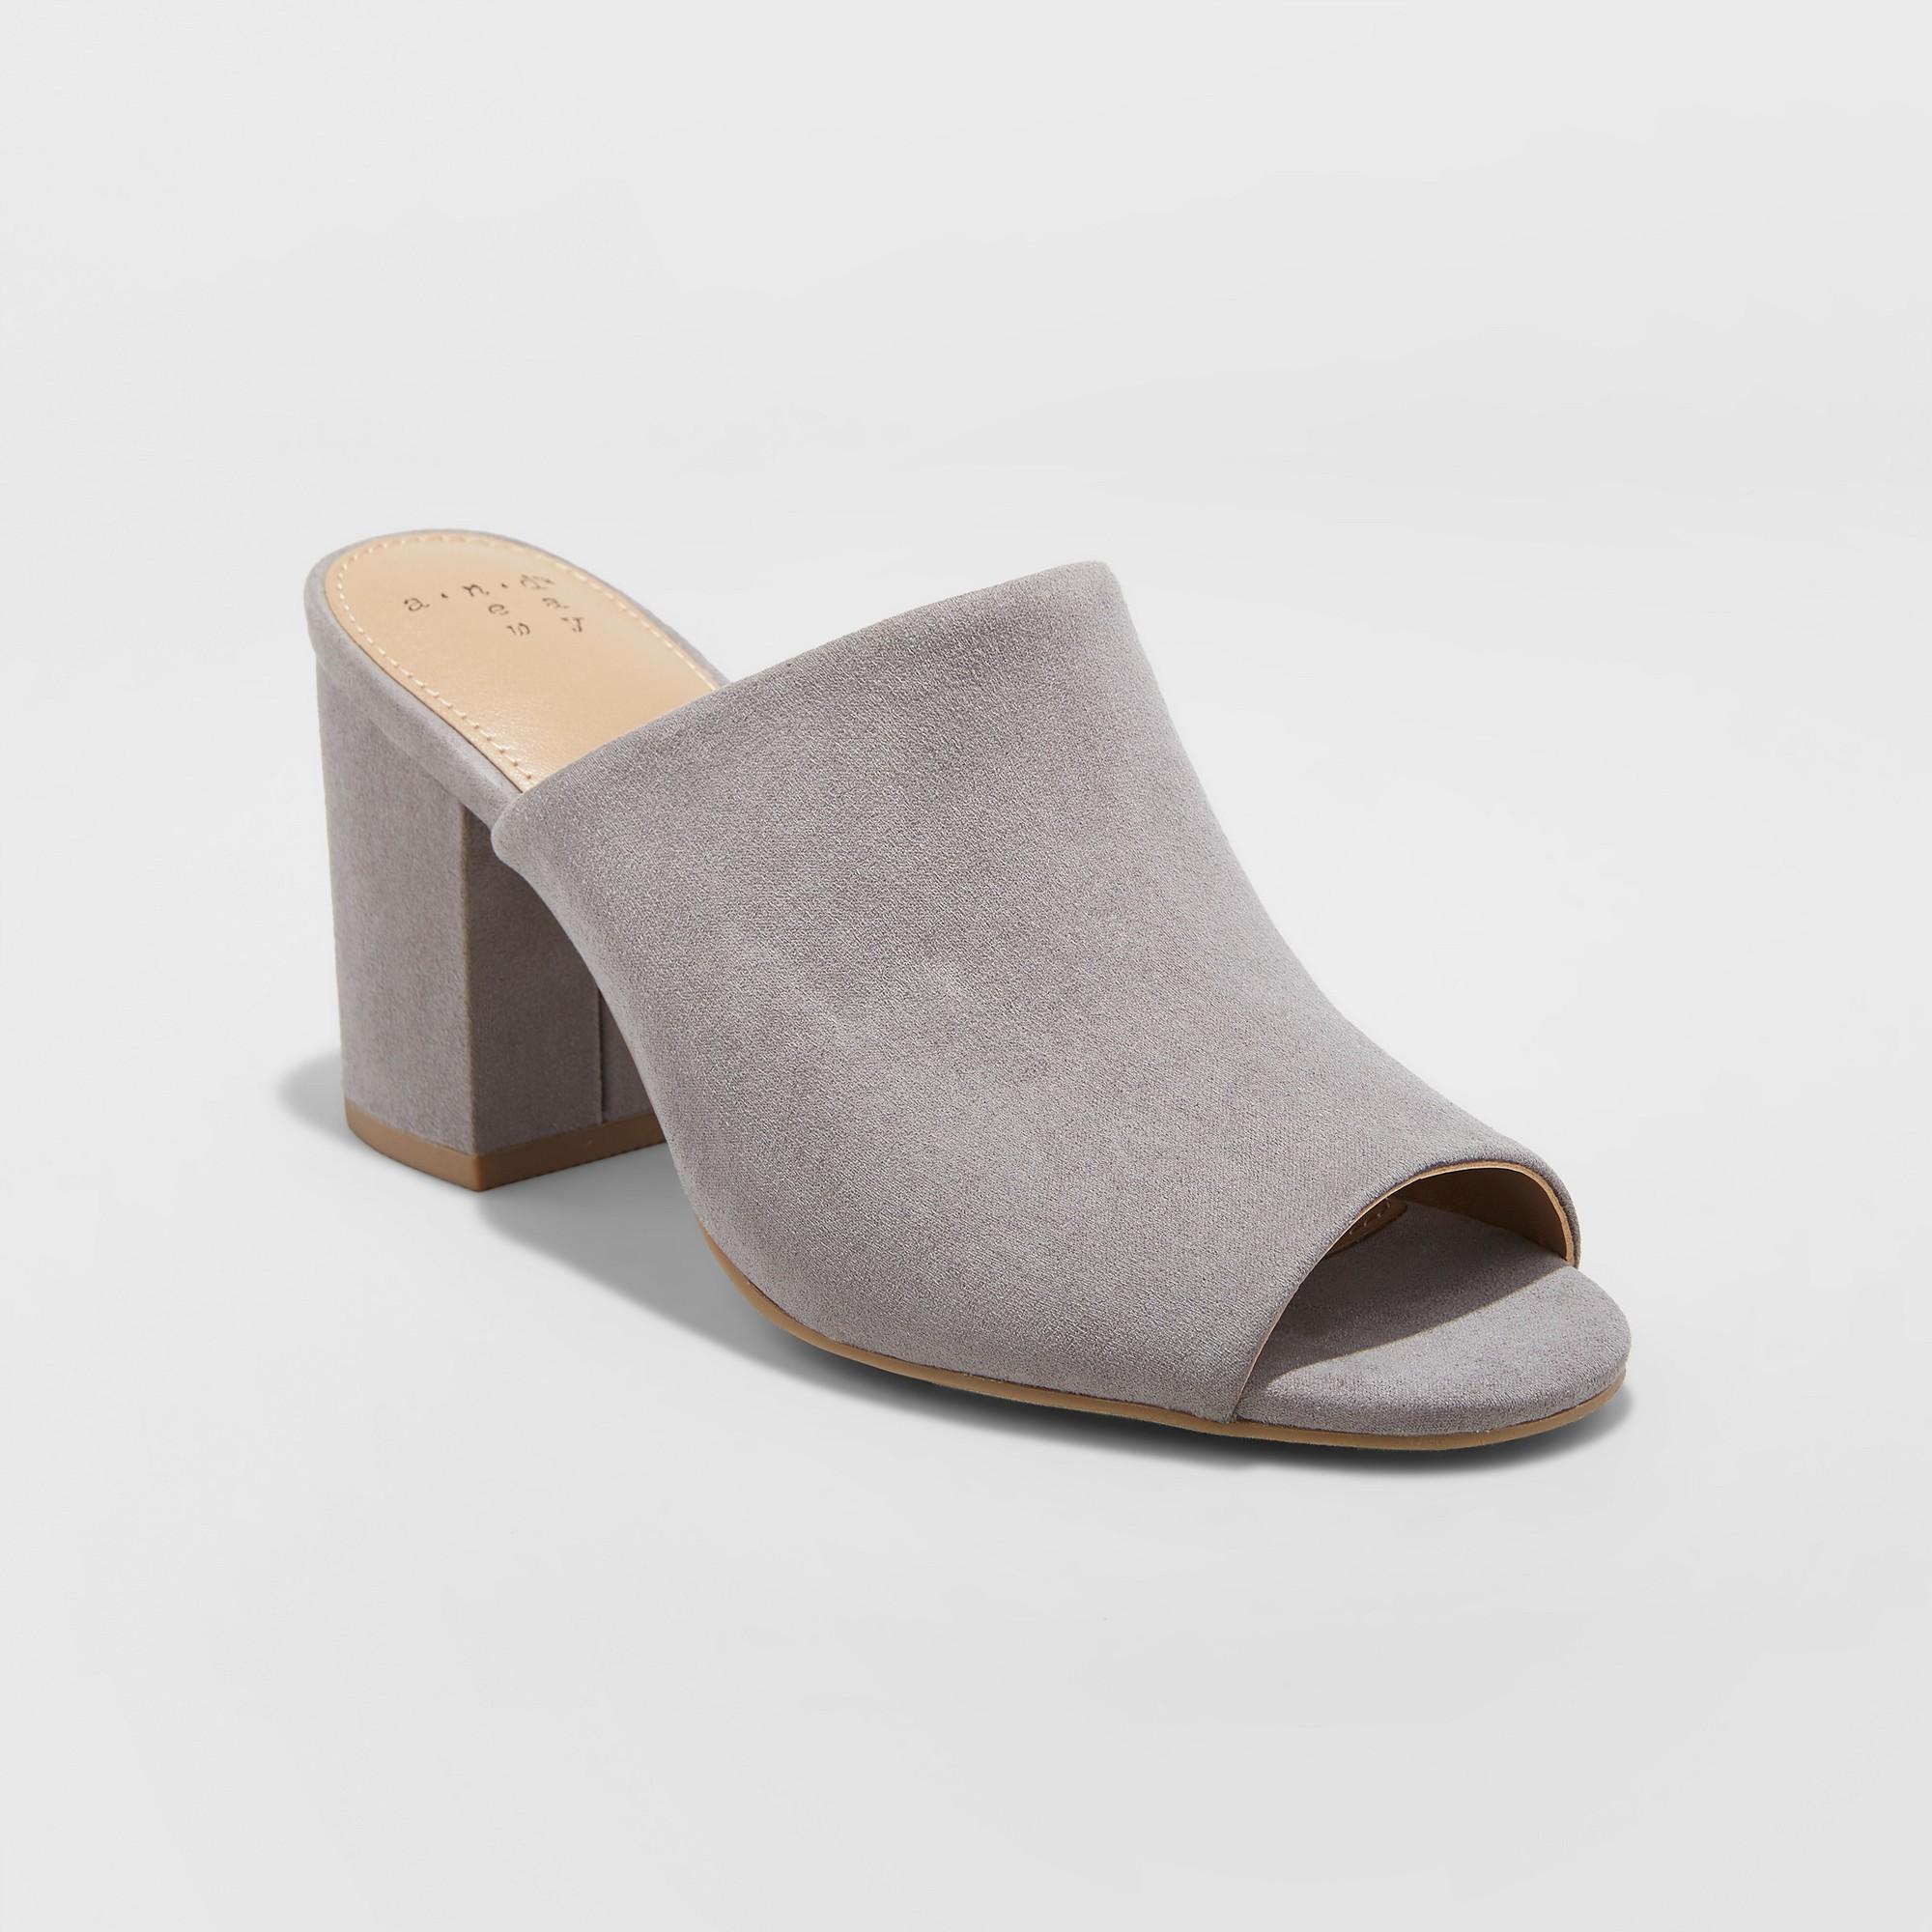 Didi Wide Width Block Heel Mules